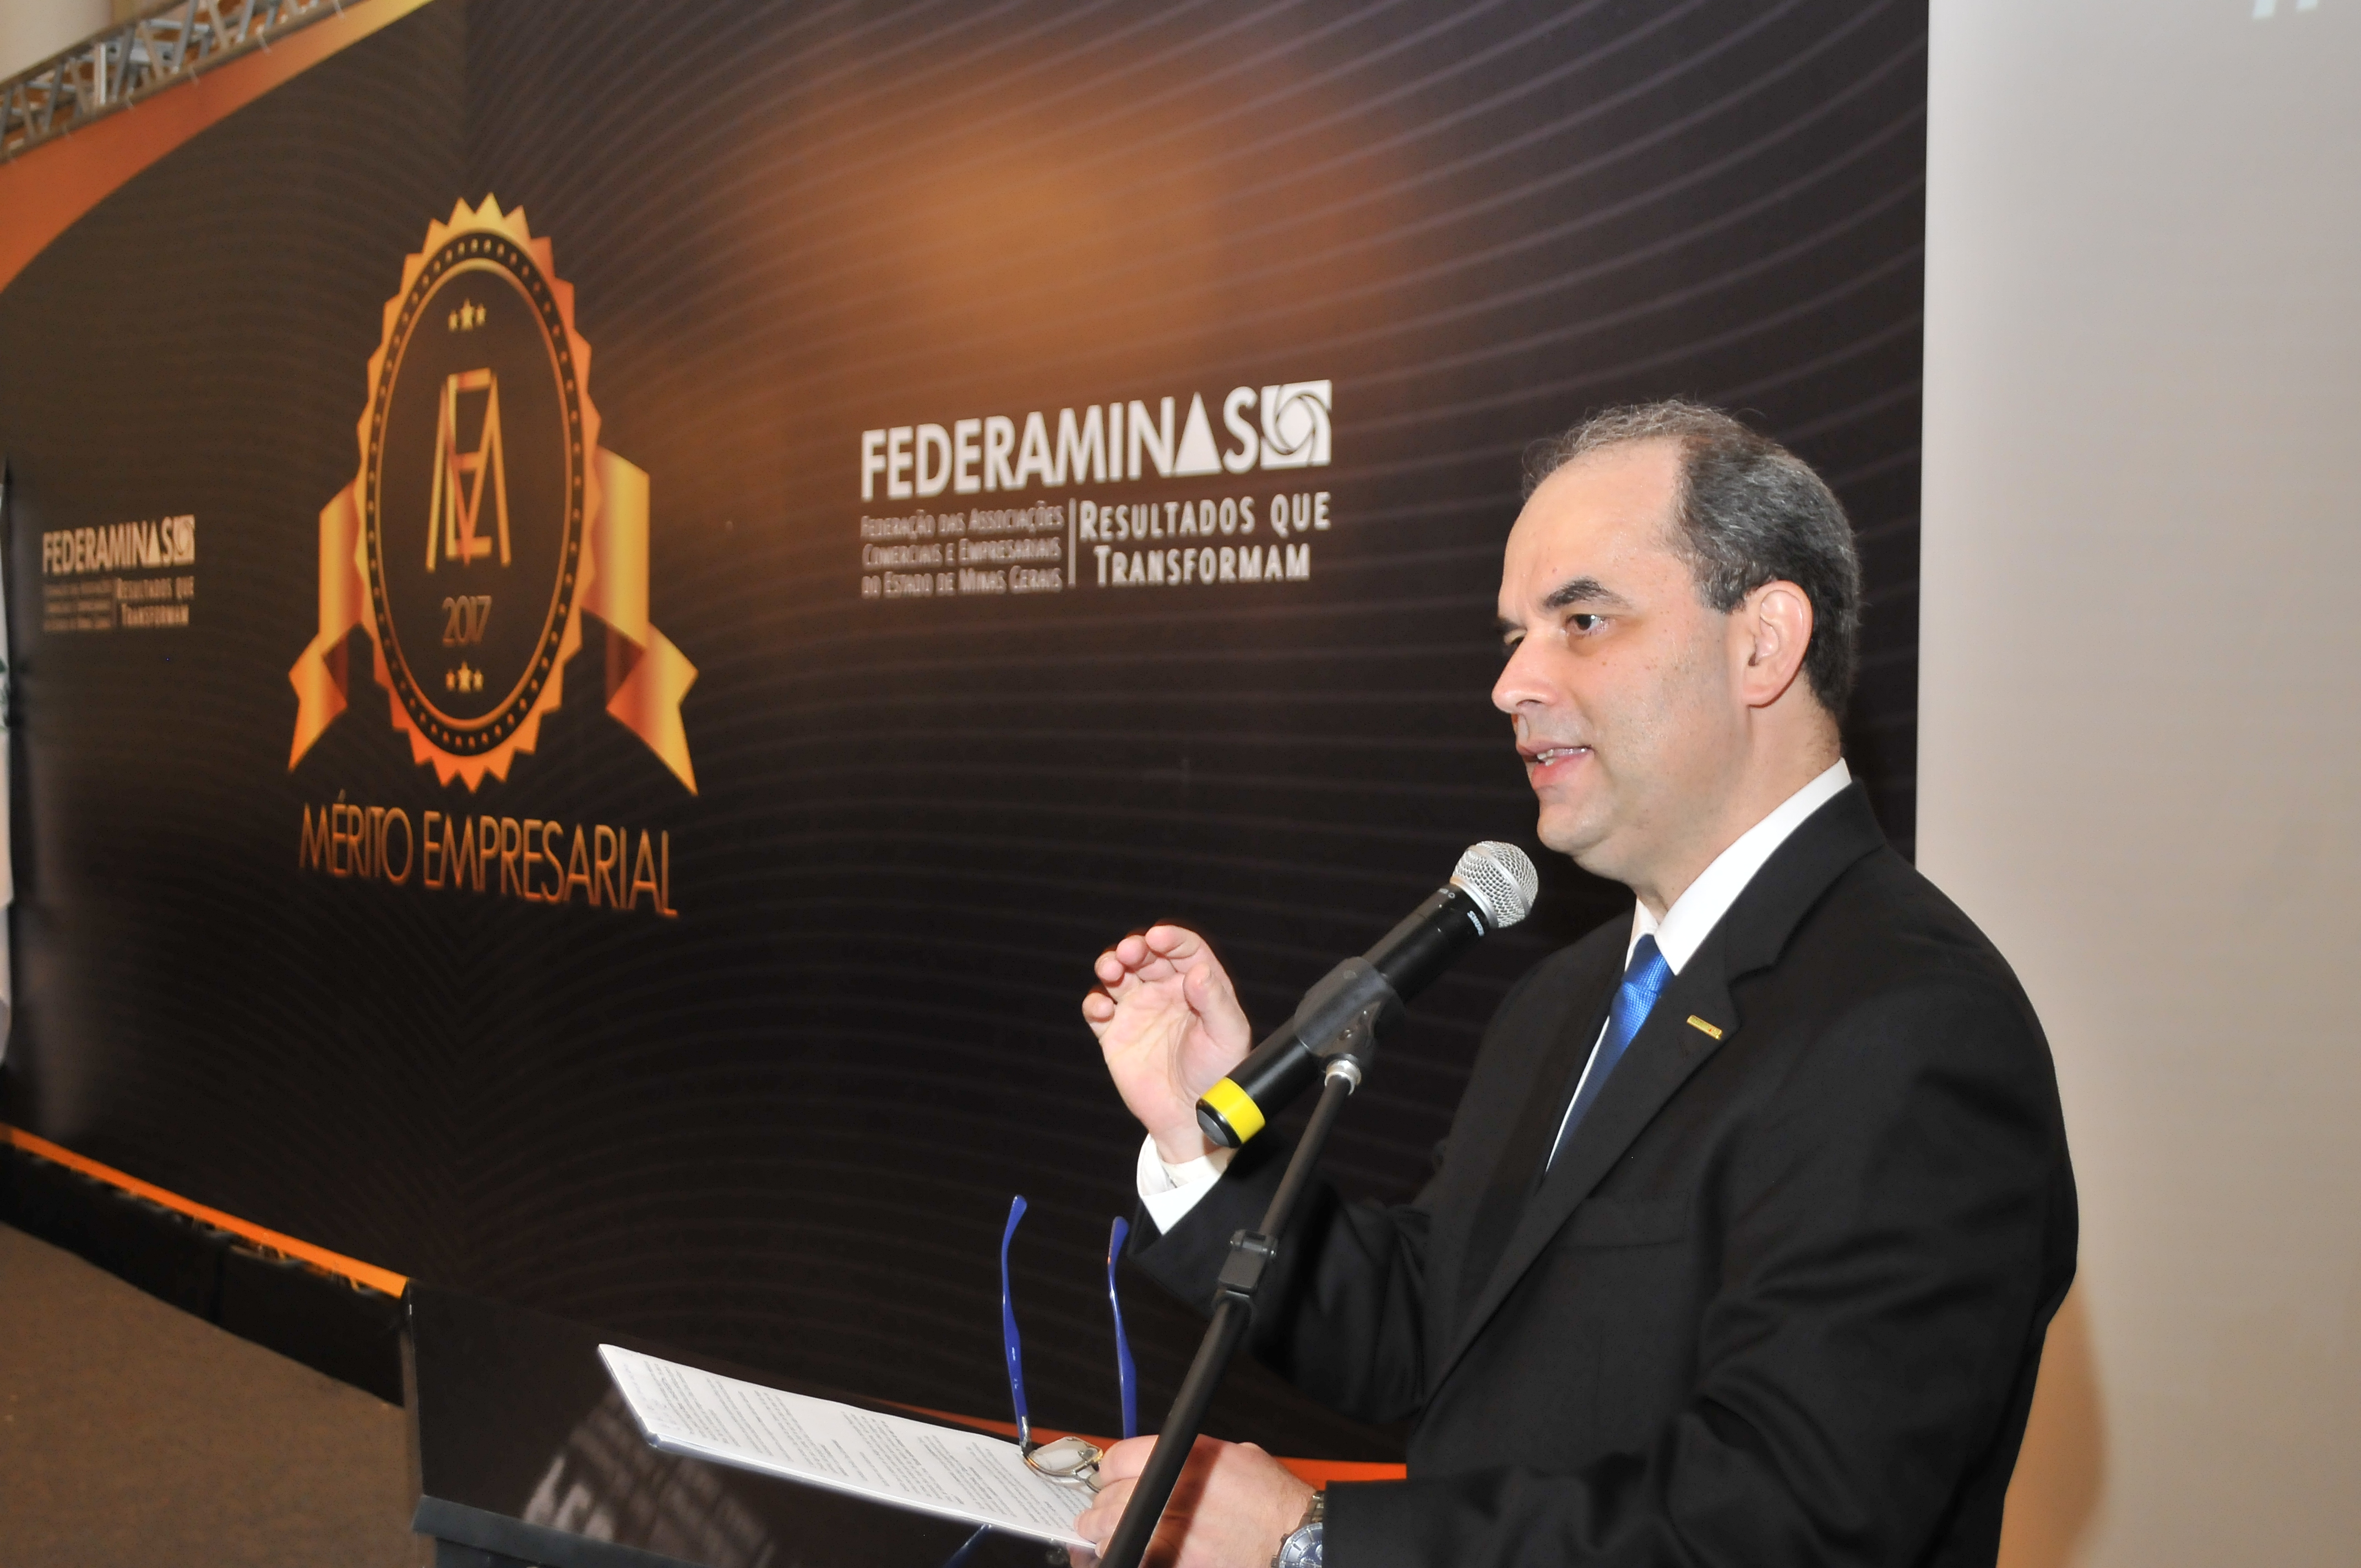 Congresso da Federaminas reunirá em Araxá mais de 600 empresários de todo o Estado